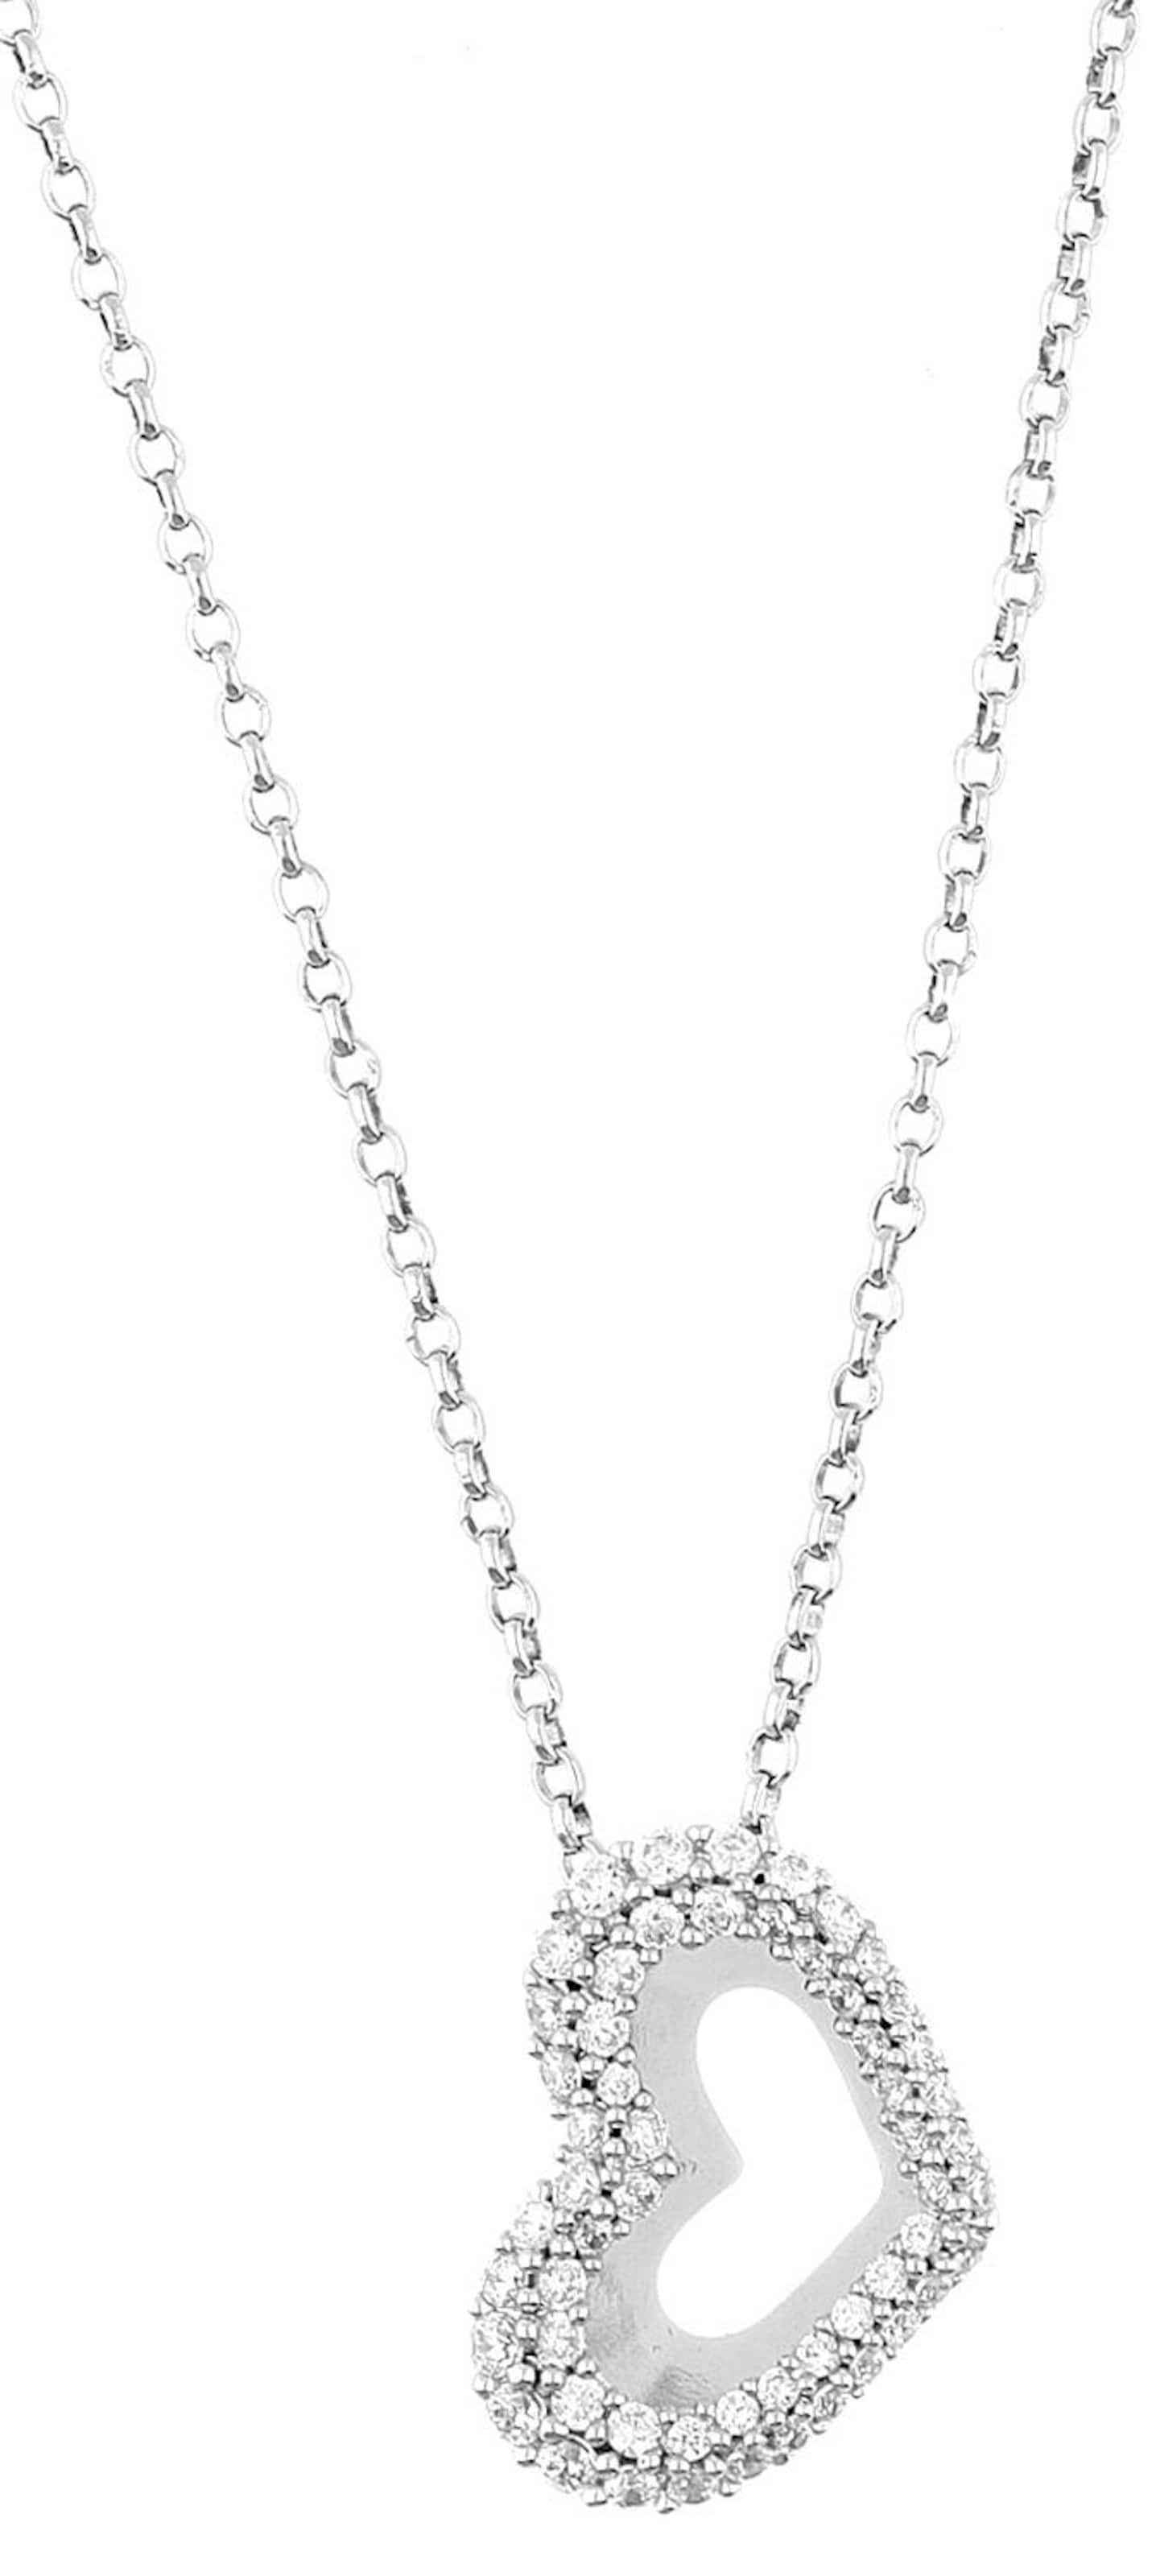 ESPRIT Halskette 'Glamorous Love' Footlocker Finish Online Rabatt Zahlen Mit Paypal Verkauf Wählen Eine Beste Billig Verkauf Manchester Großer Verkauf Billig Verkauf Exklusiv ygJrR